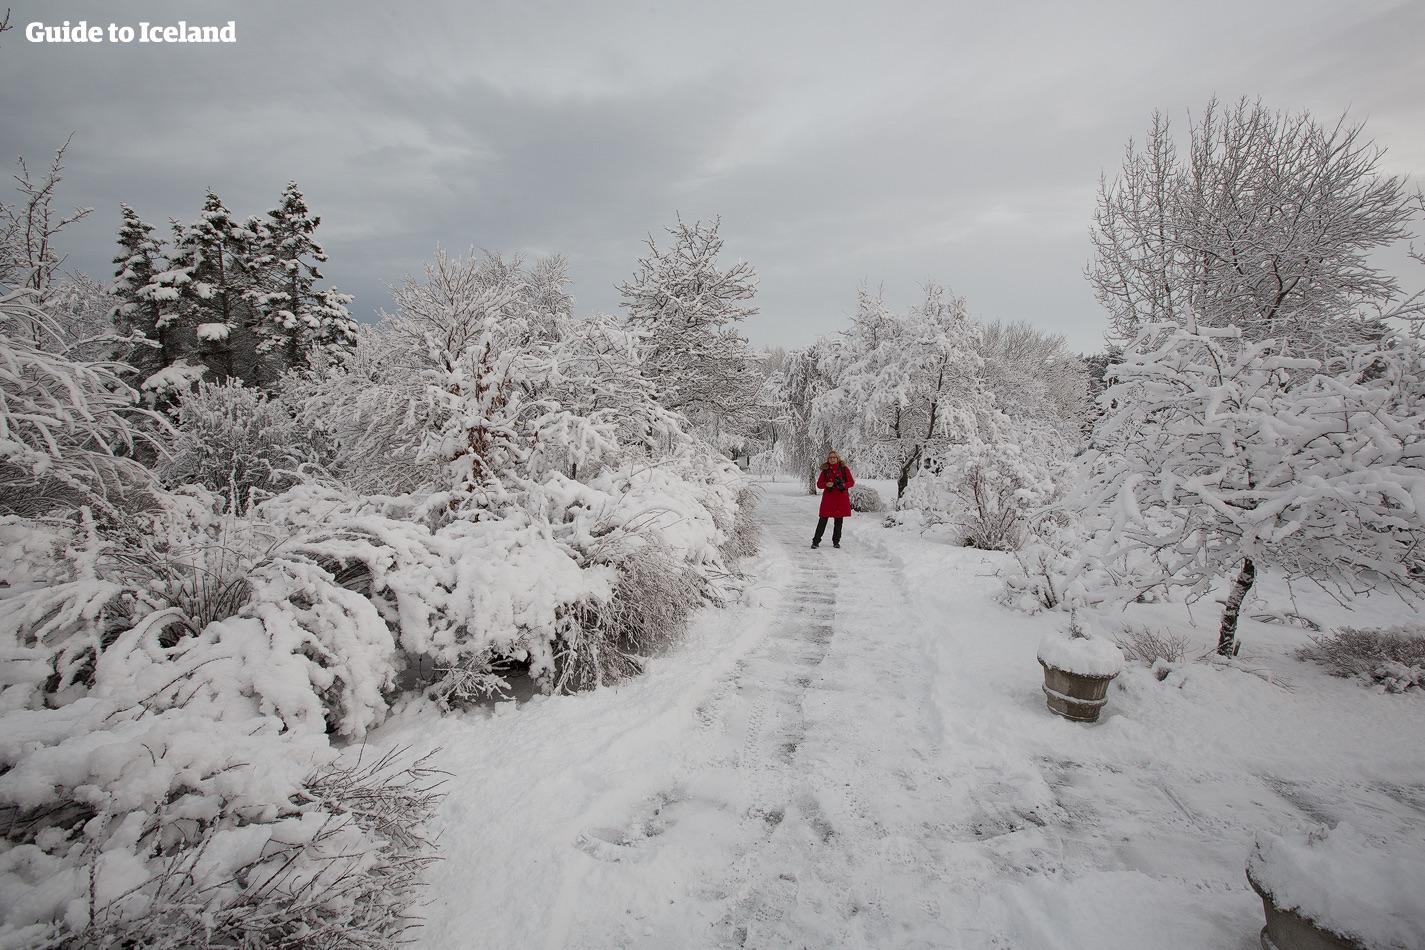 被雪覆盖的冰岛更具北极风情